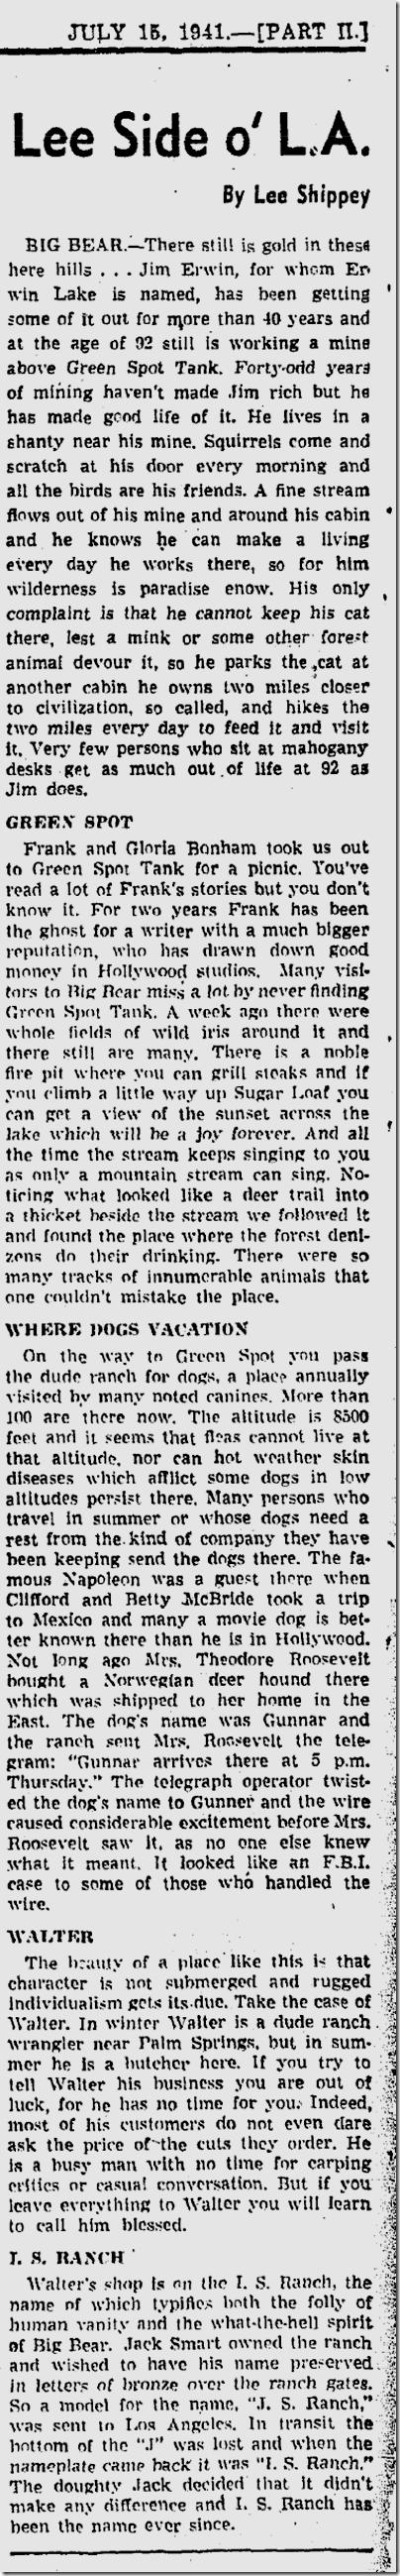 July 15, 1941, Lee Shippey